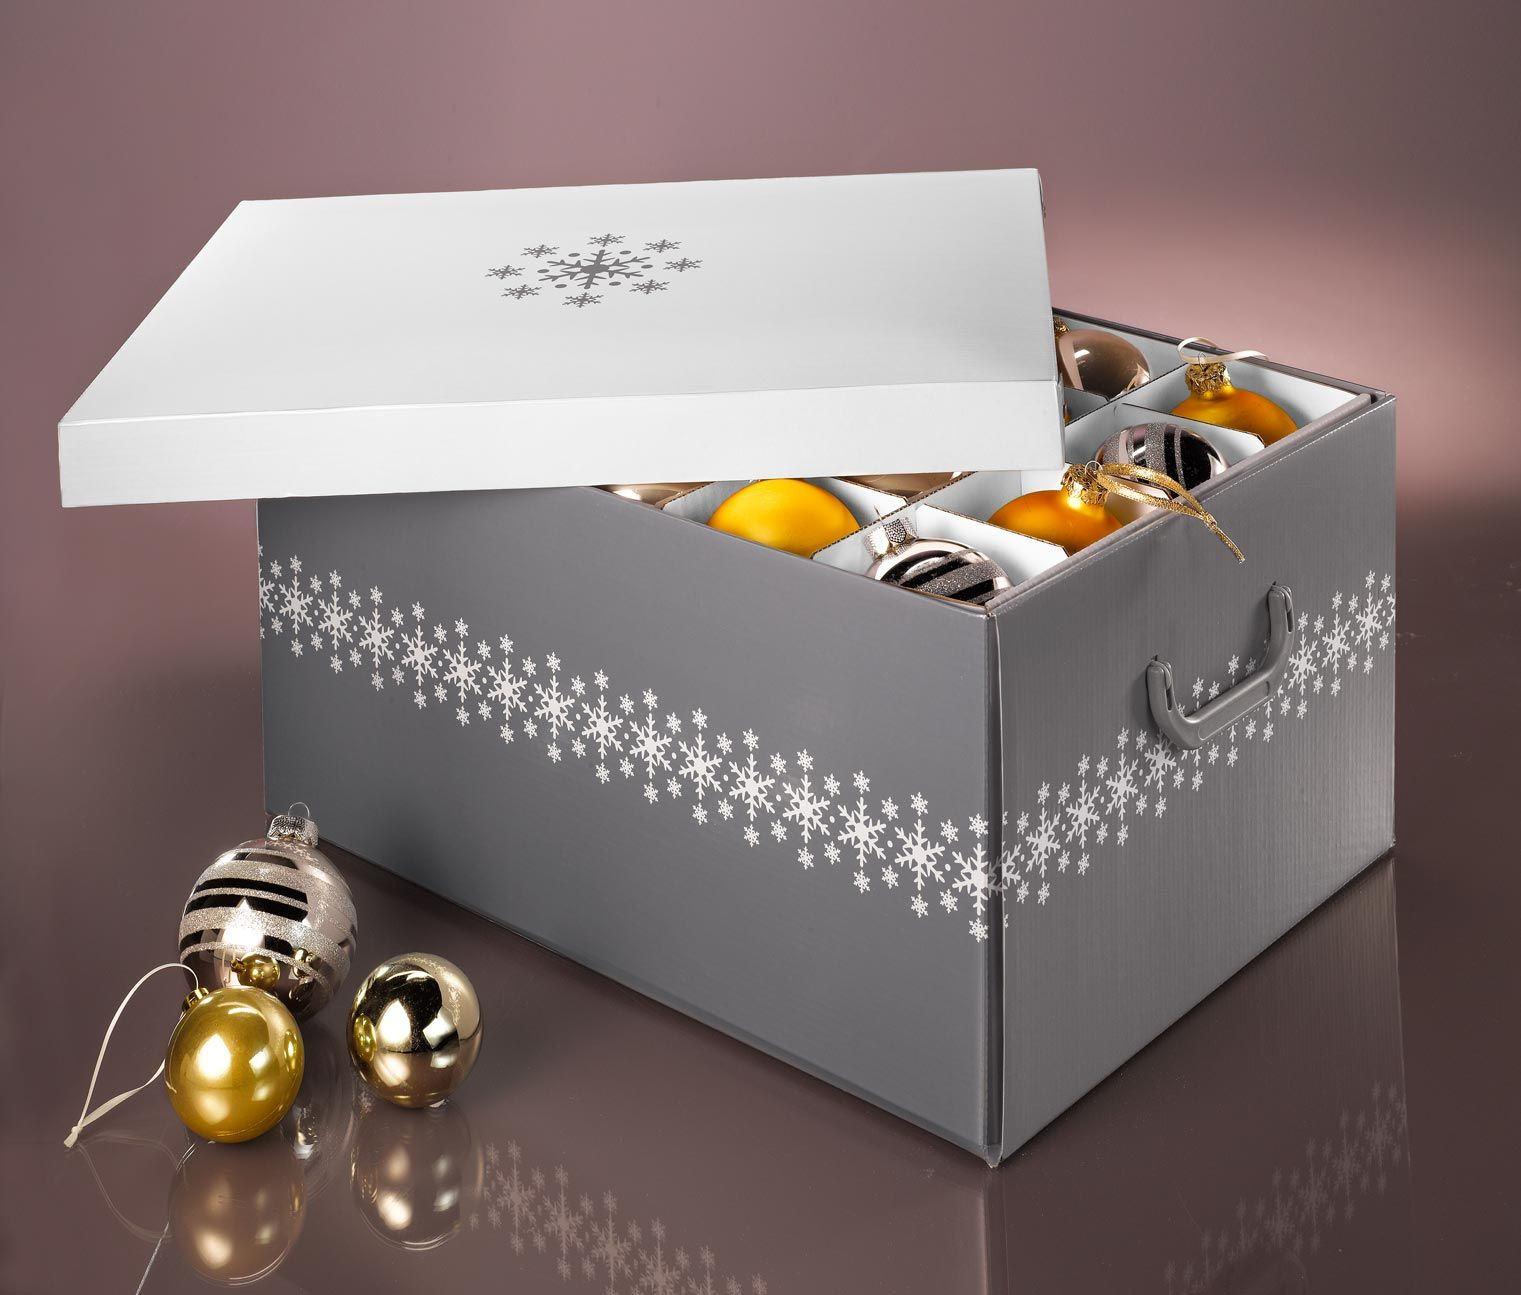 Weihnachtsdeko Ordnungsbox Tchibo.Weihnachtsdeko Ordnungsbox Weihnachten Silvester